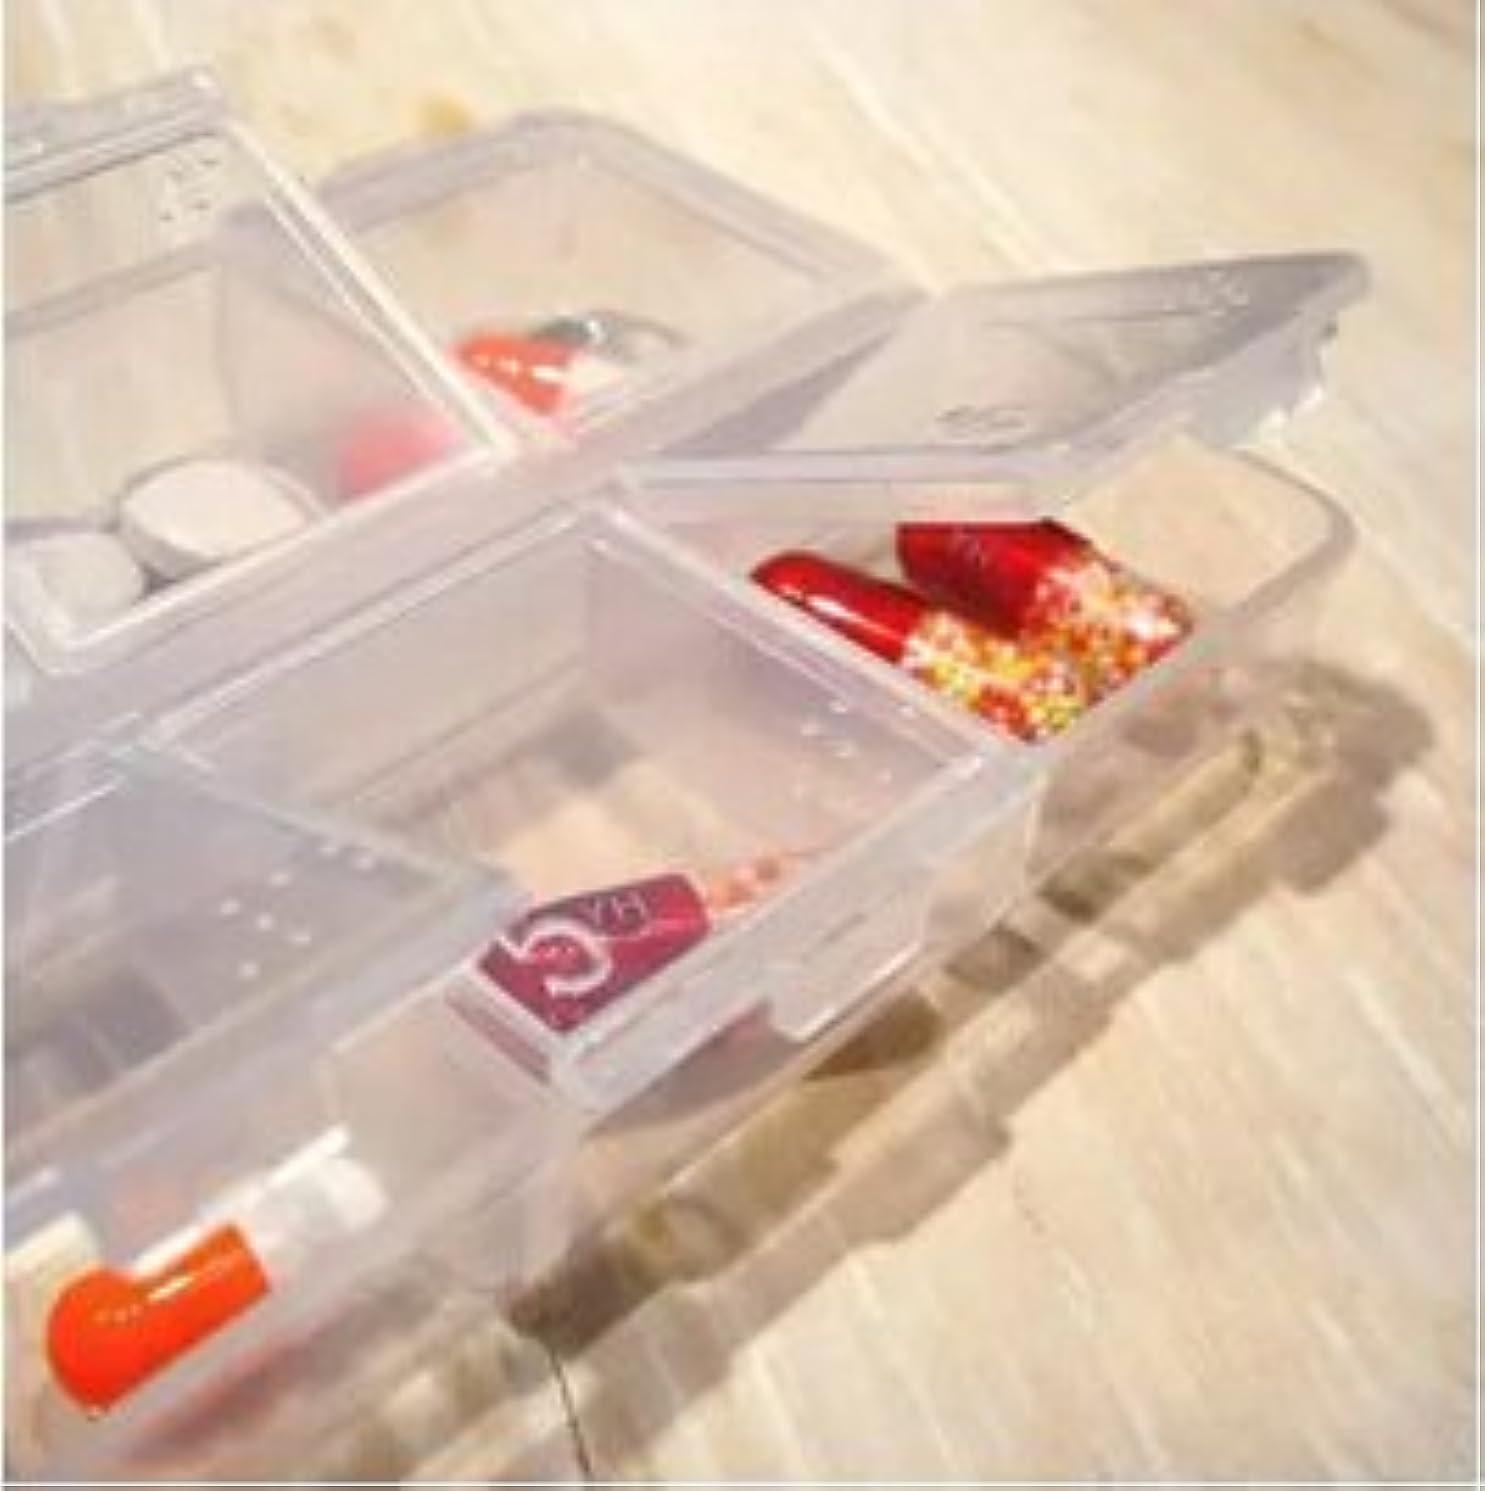 疑い者地中海キャベツLorny (TM) 【送料無料】6スロット透明なプラスチックピルボックス医学オーガナイザー多機能ピルケースポータブルストレージボックス [並行輸入品]